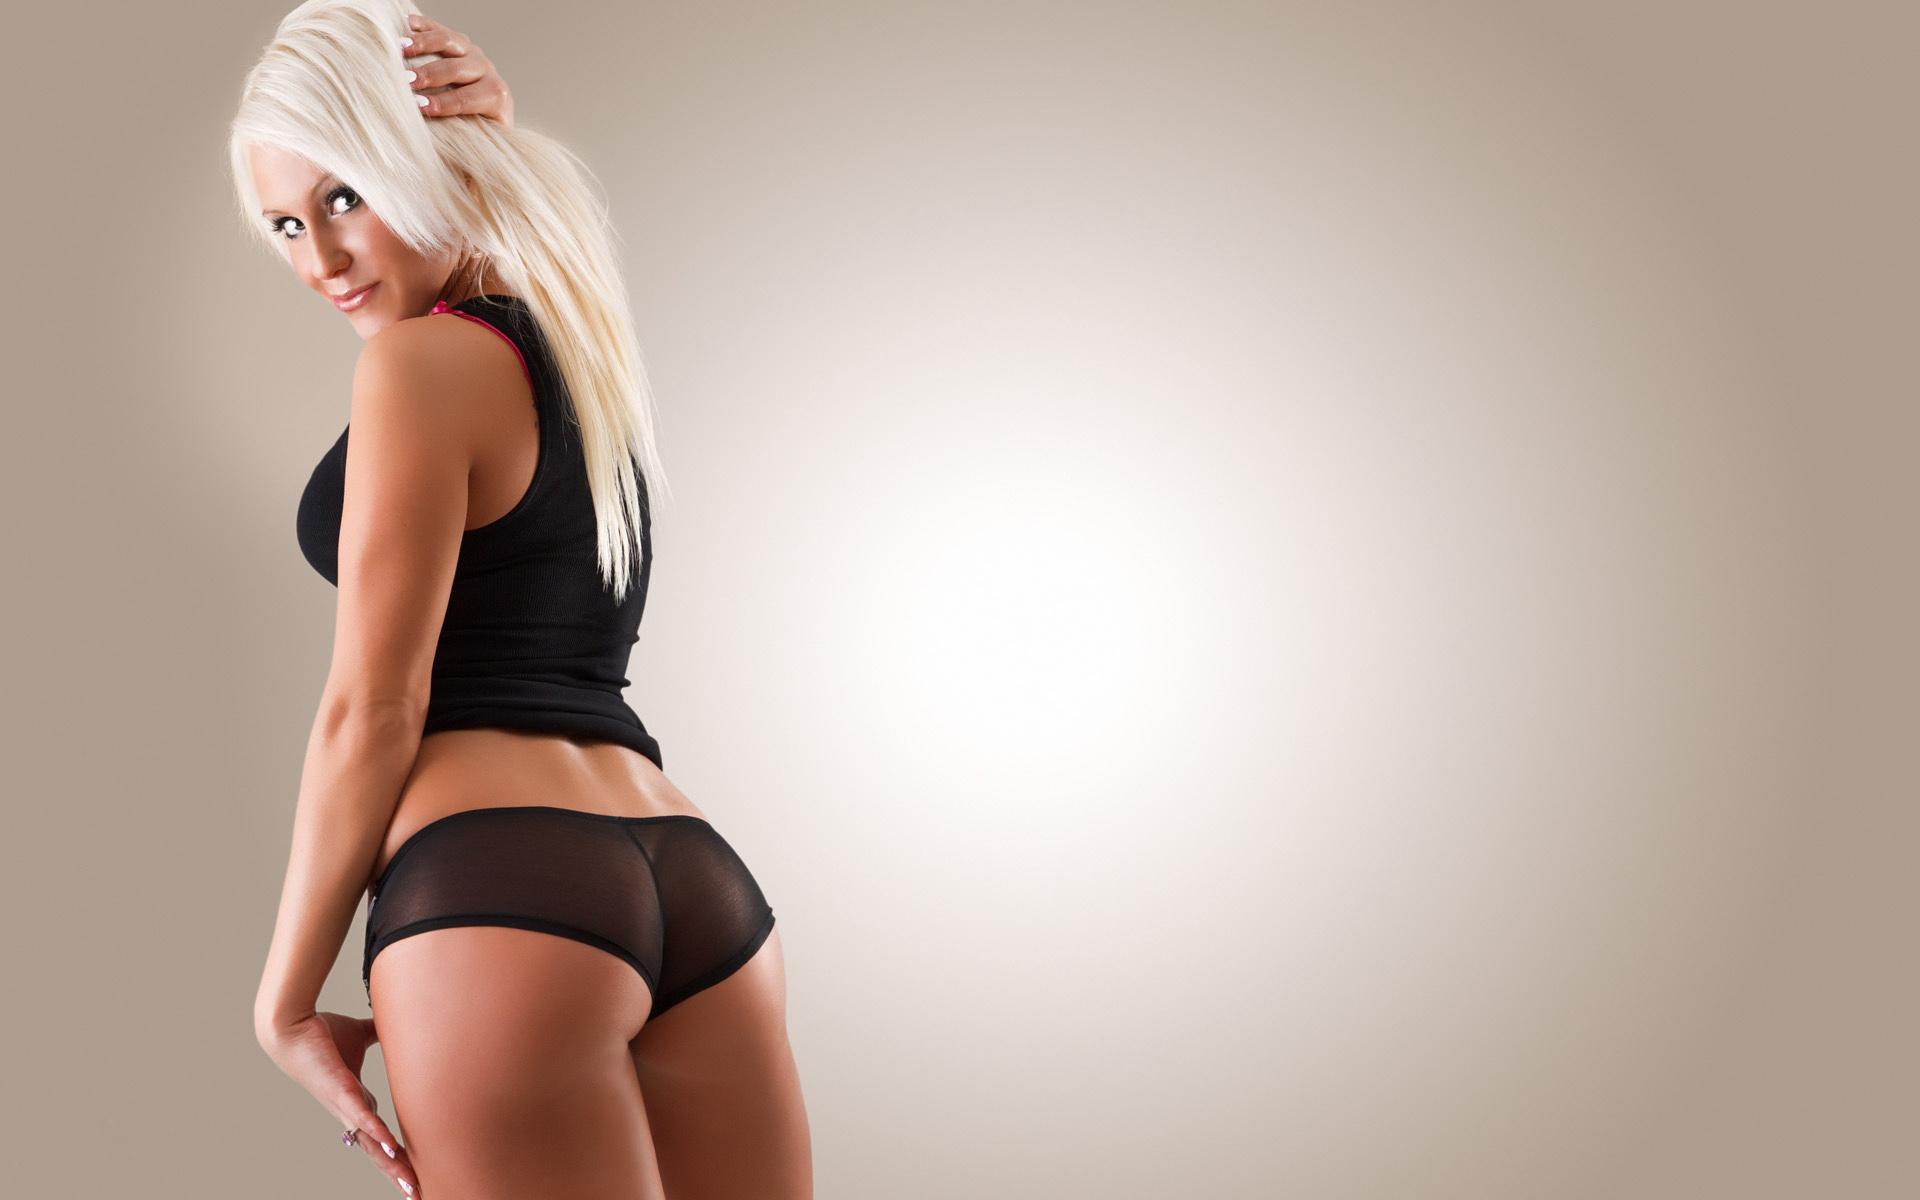 Фото молодой девушки со спины 17 фотография